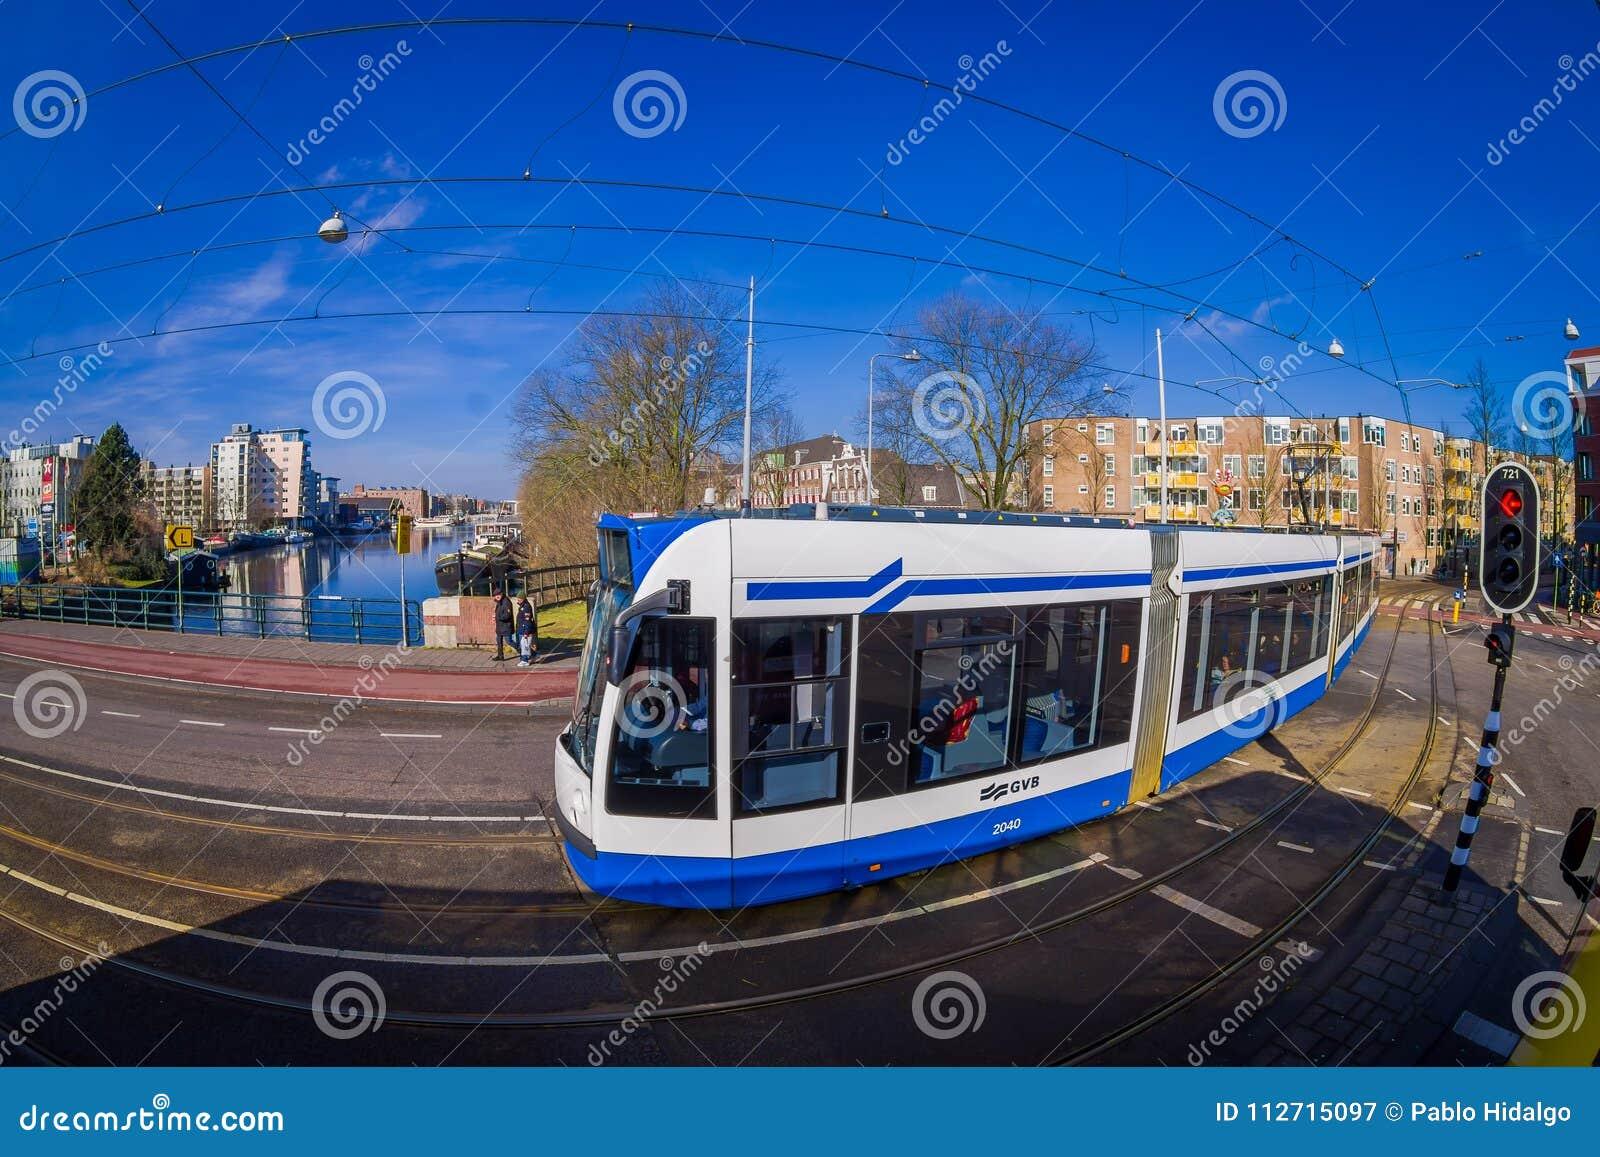 休斯敦,美国2018年3月10日:它由市政公众管理阿姆斯特丹电车的室外看法是电车网络